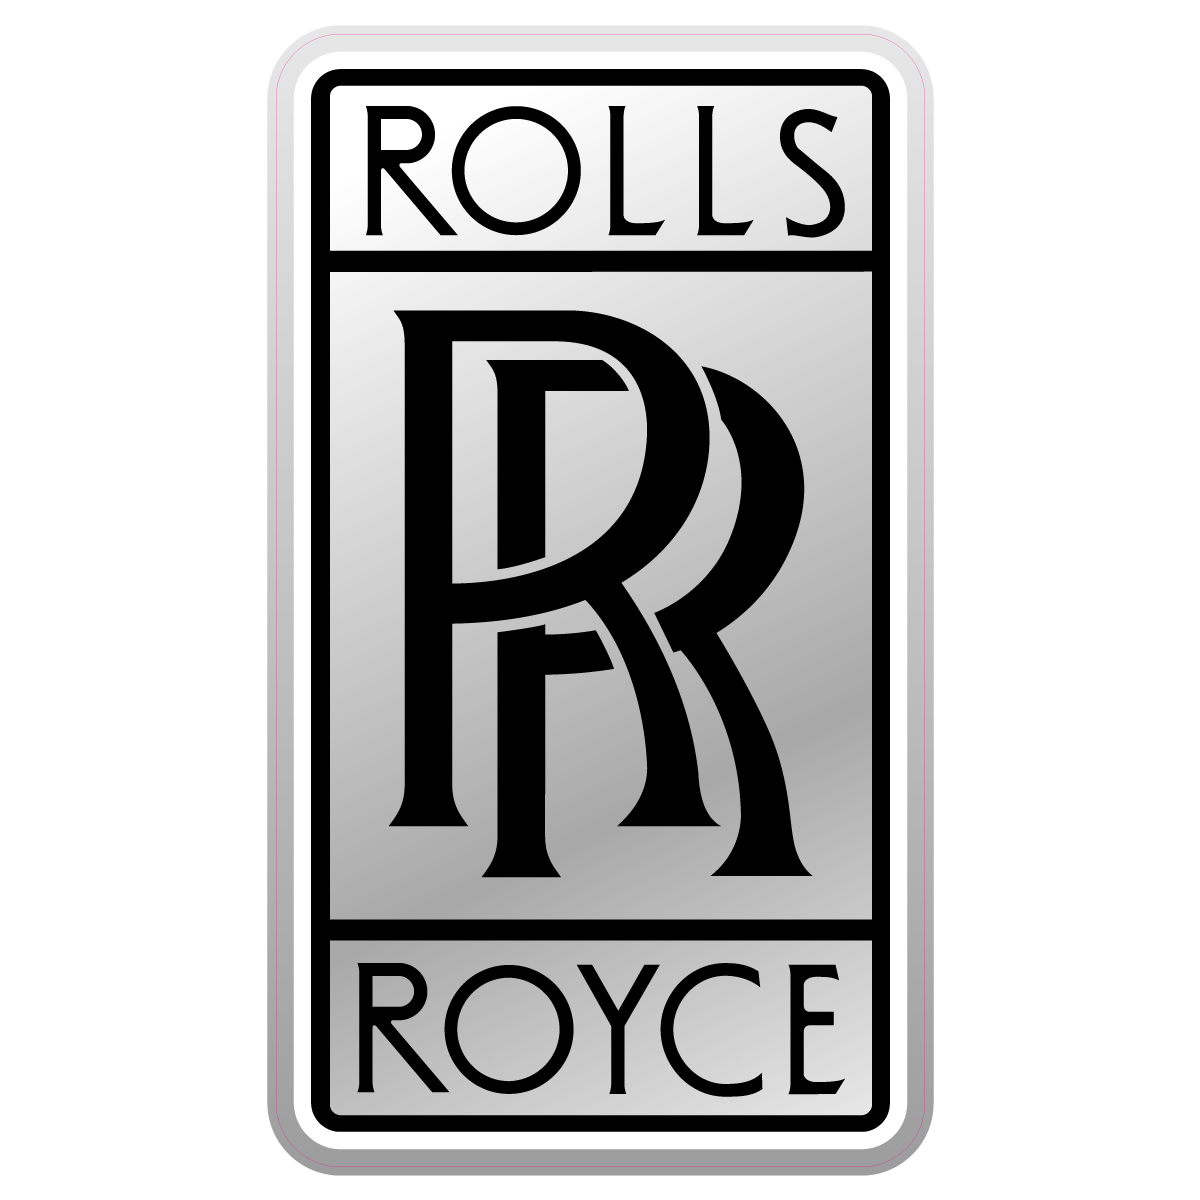 Rolls Royce Car Logo